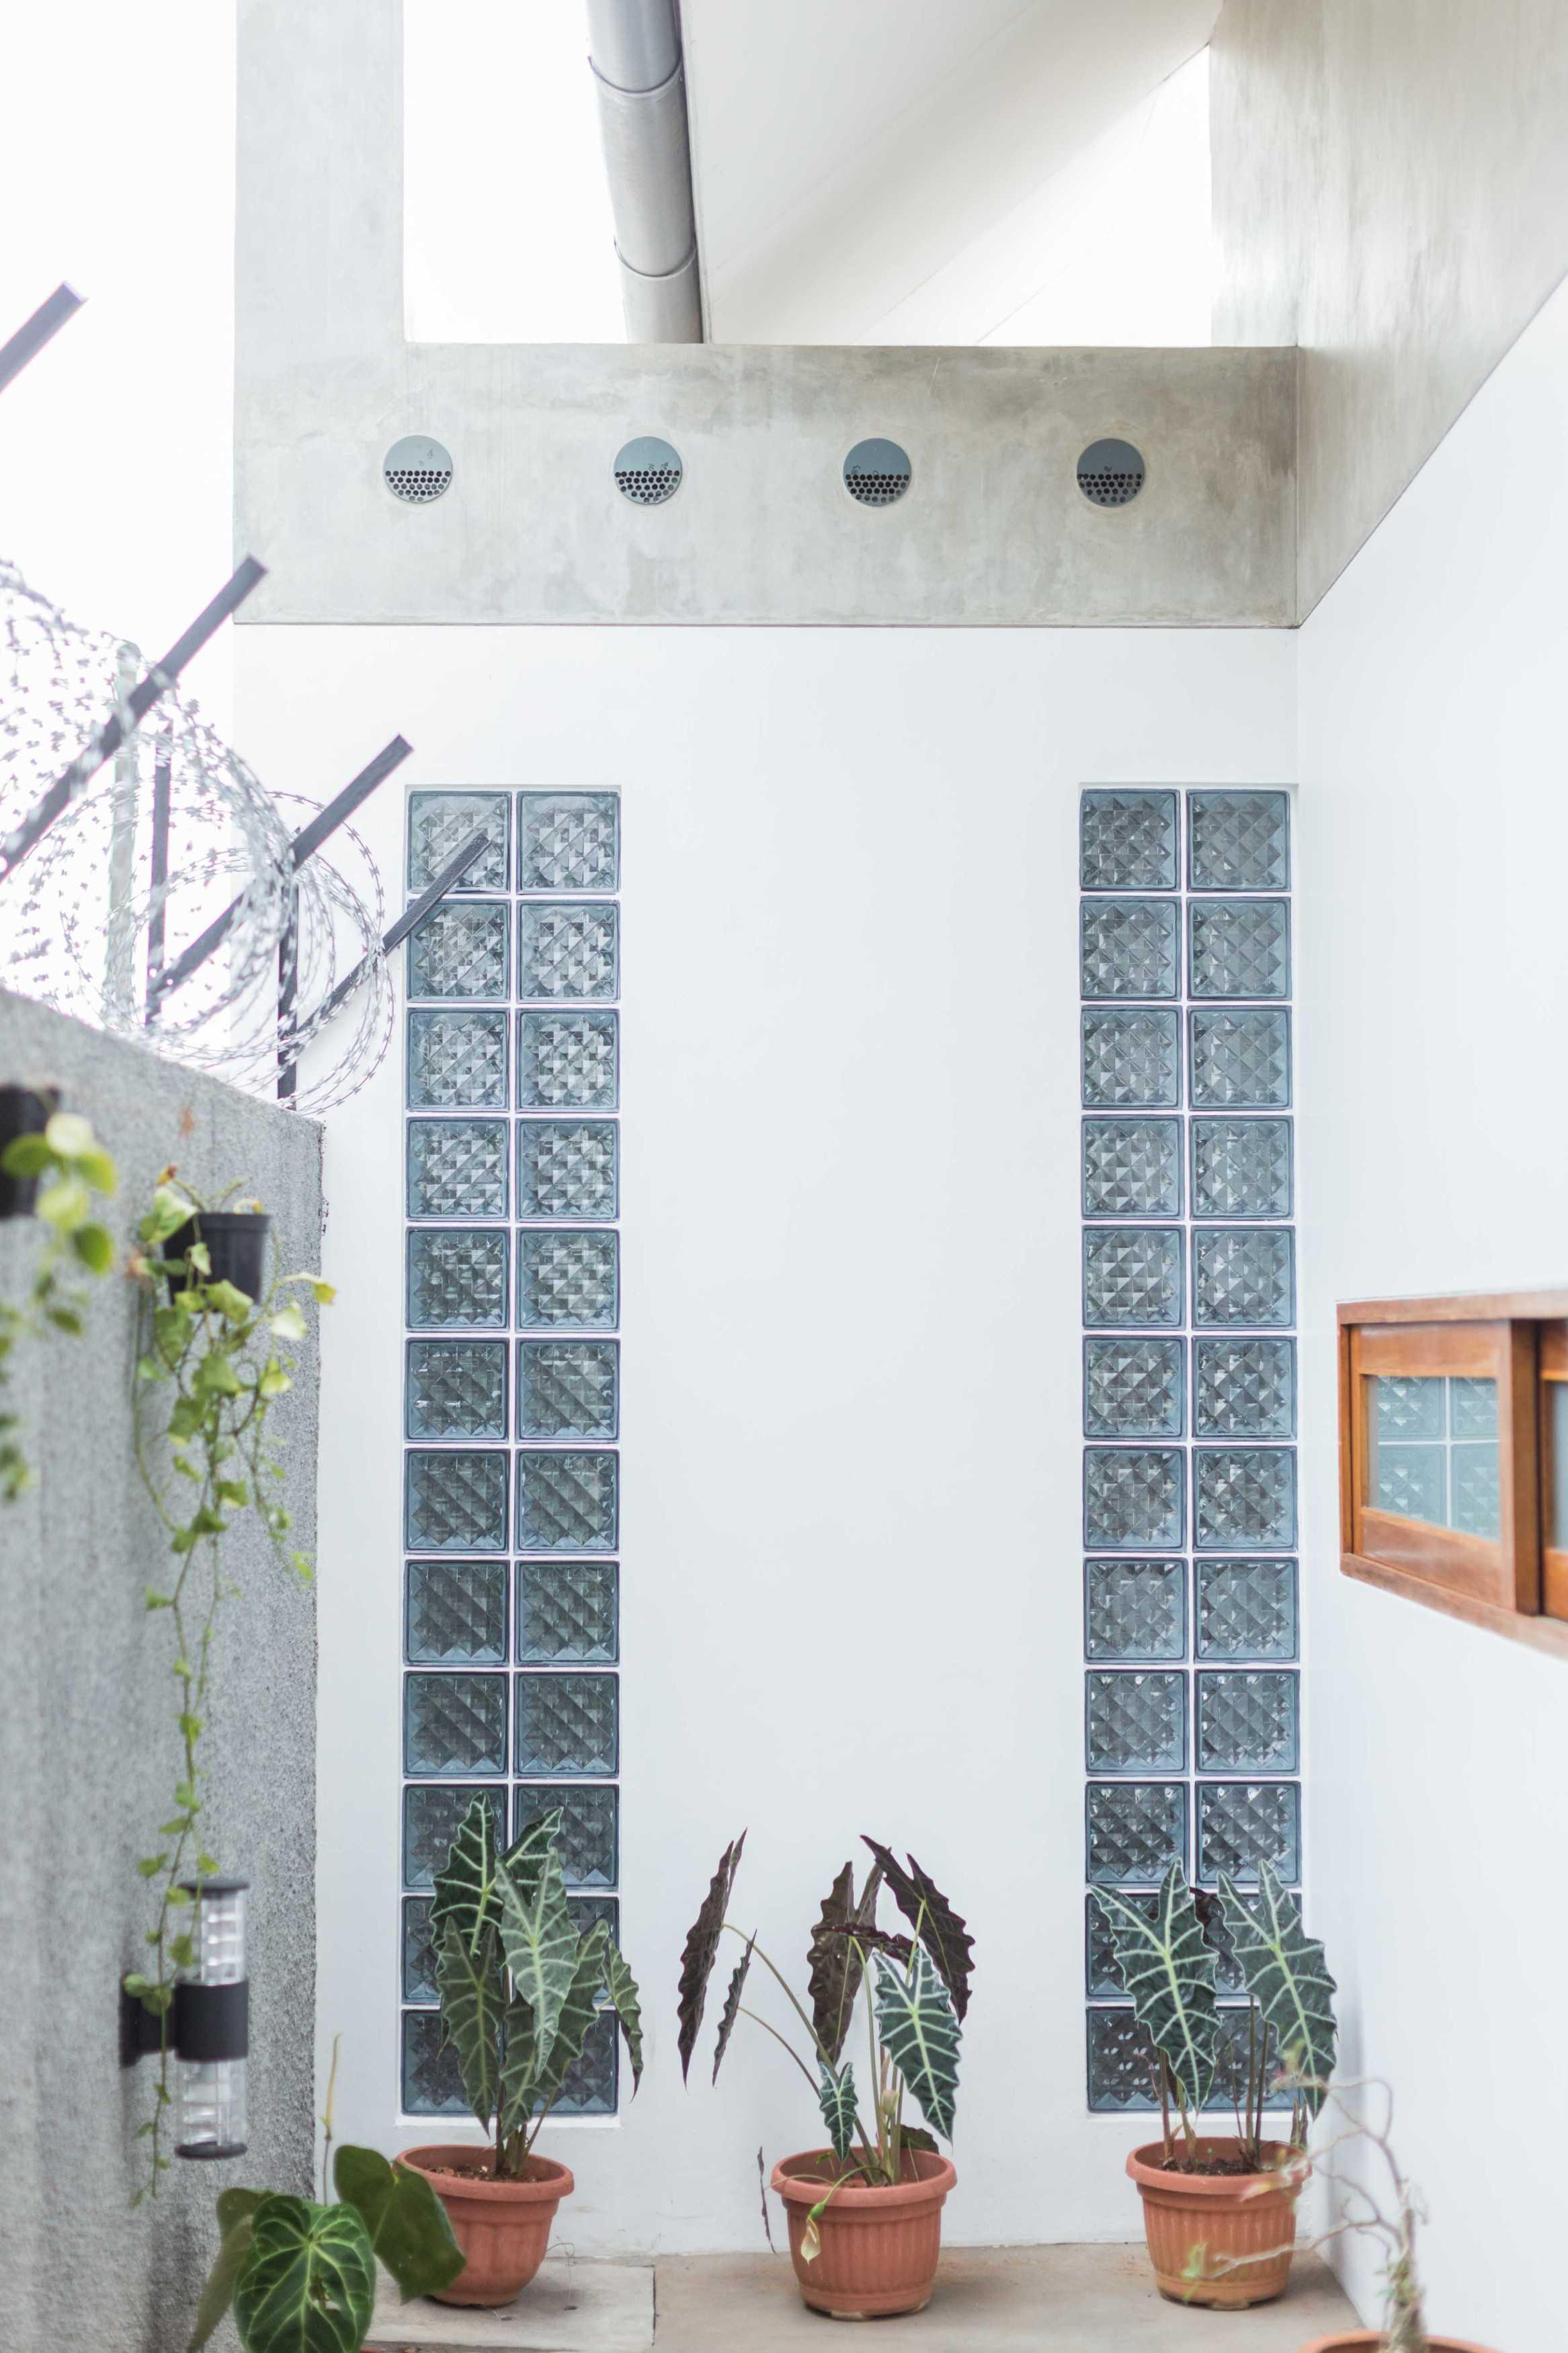 Guntur Haryadi Architecture Studio Ni House Depok, Kota Depok, Jawa Barat, Indonesia Depok, Kota Depok, Jawa Barat, Indonesia Guntur-Haryadi-Architecture-Studio-Ni-House   62628